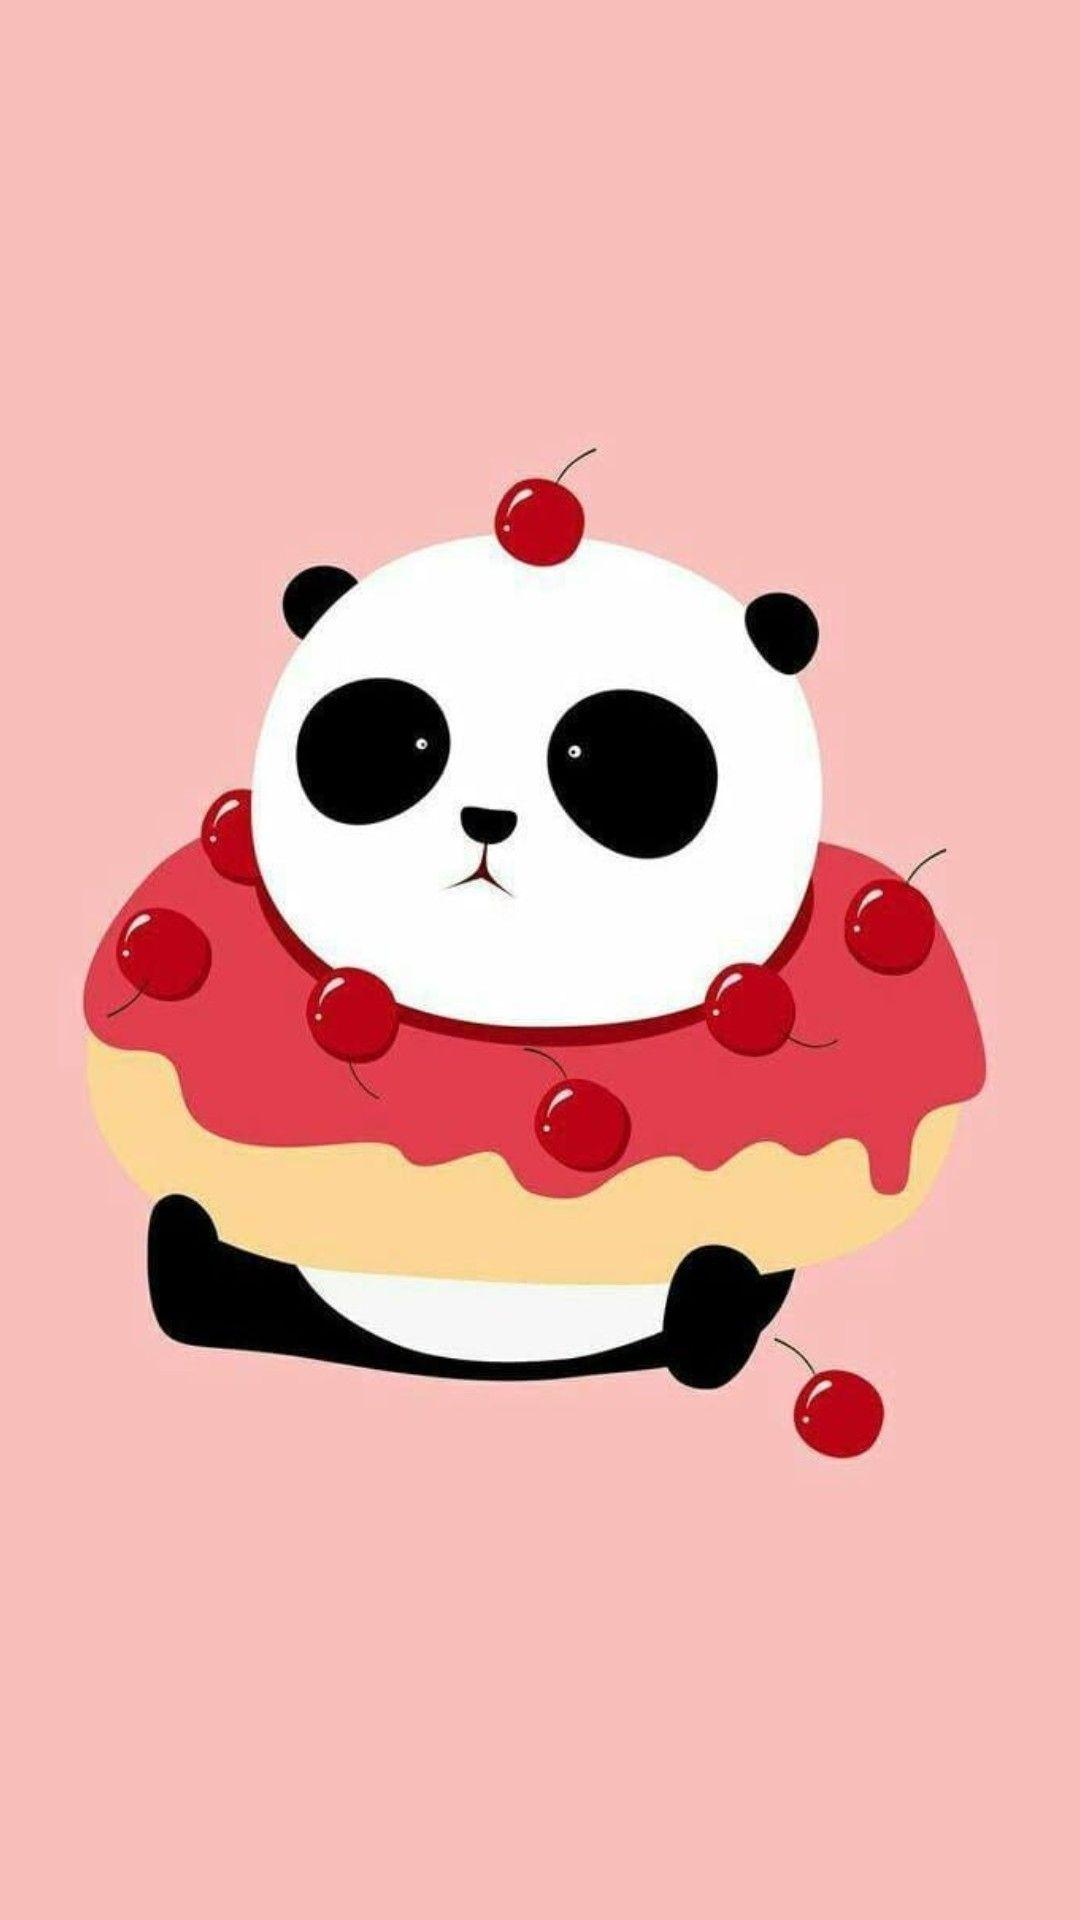 Donut Panda 2020 Pandalar Panda Cizimler